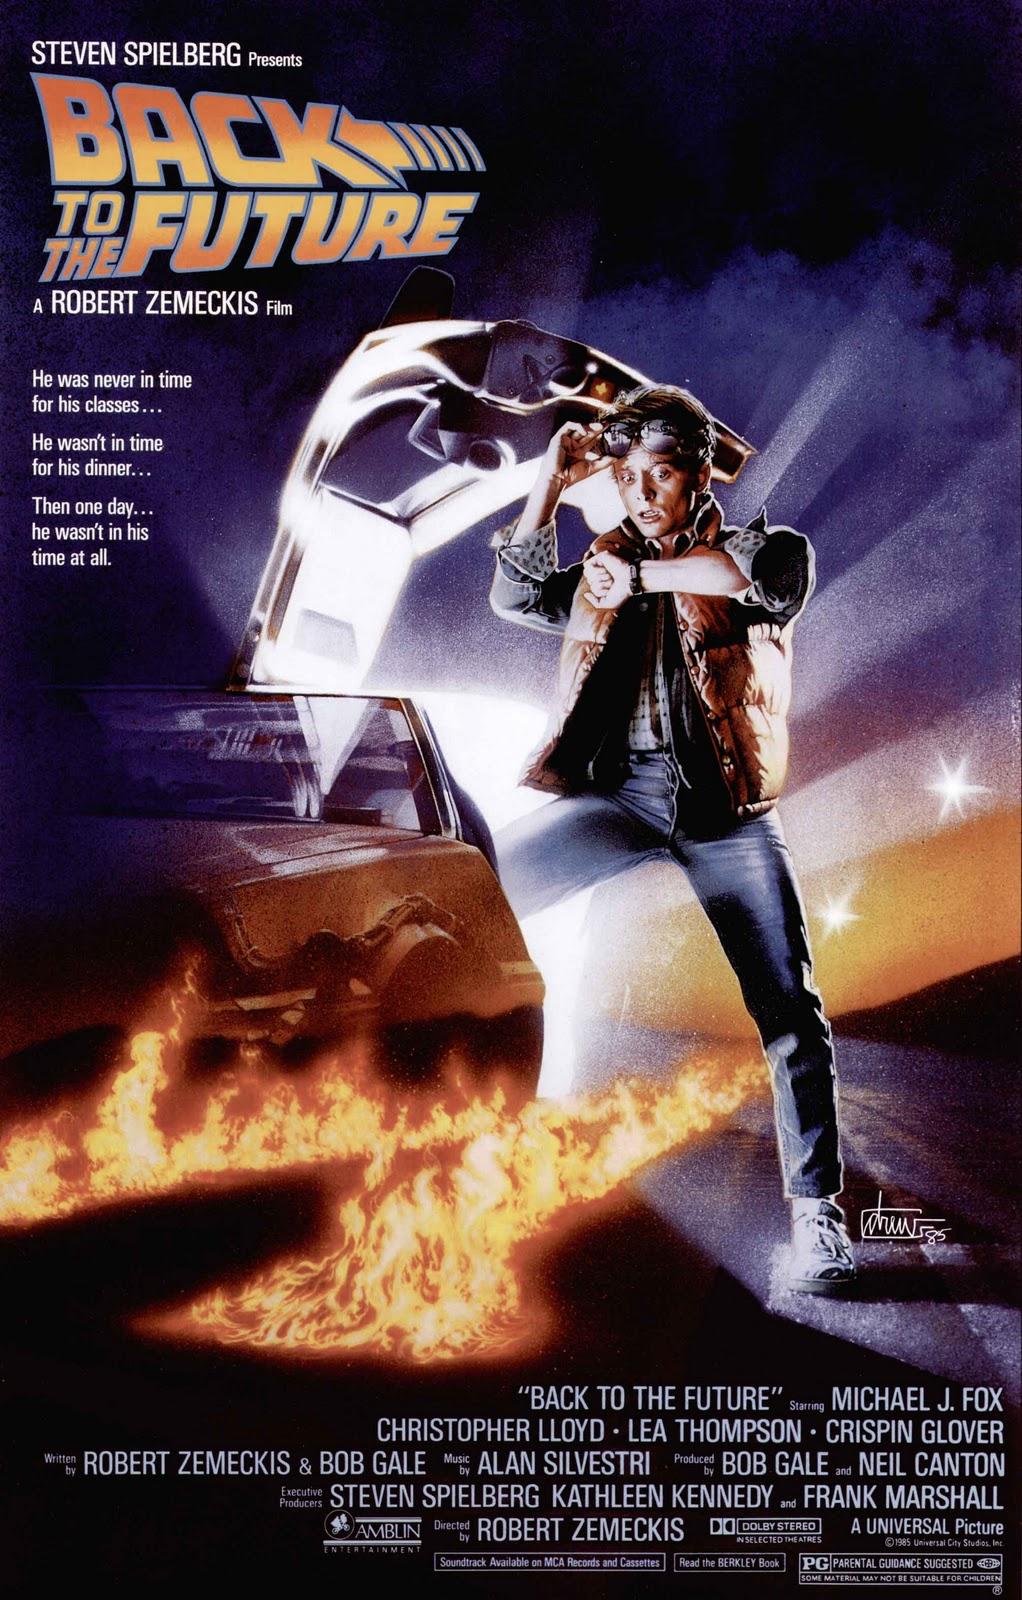 Volver al Futuro (1985) Curiosidades que no conocias